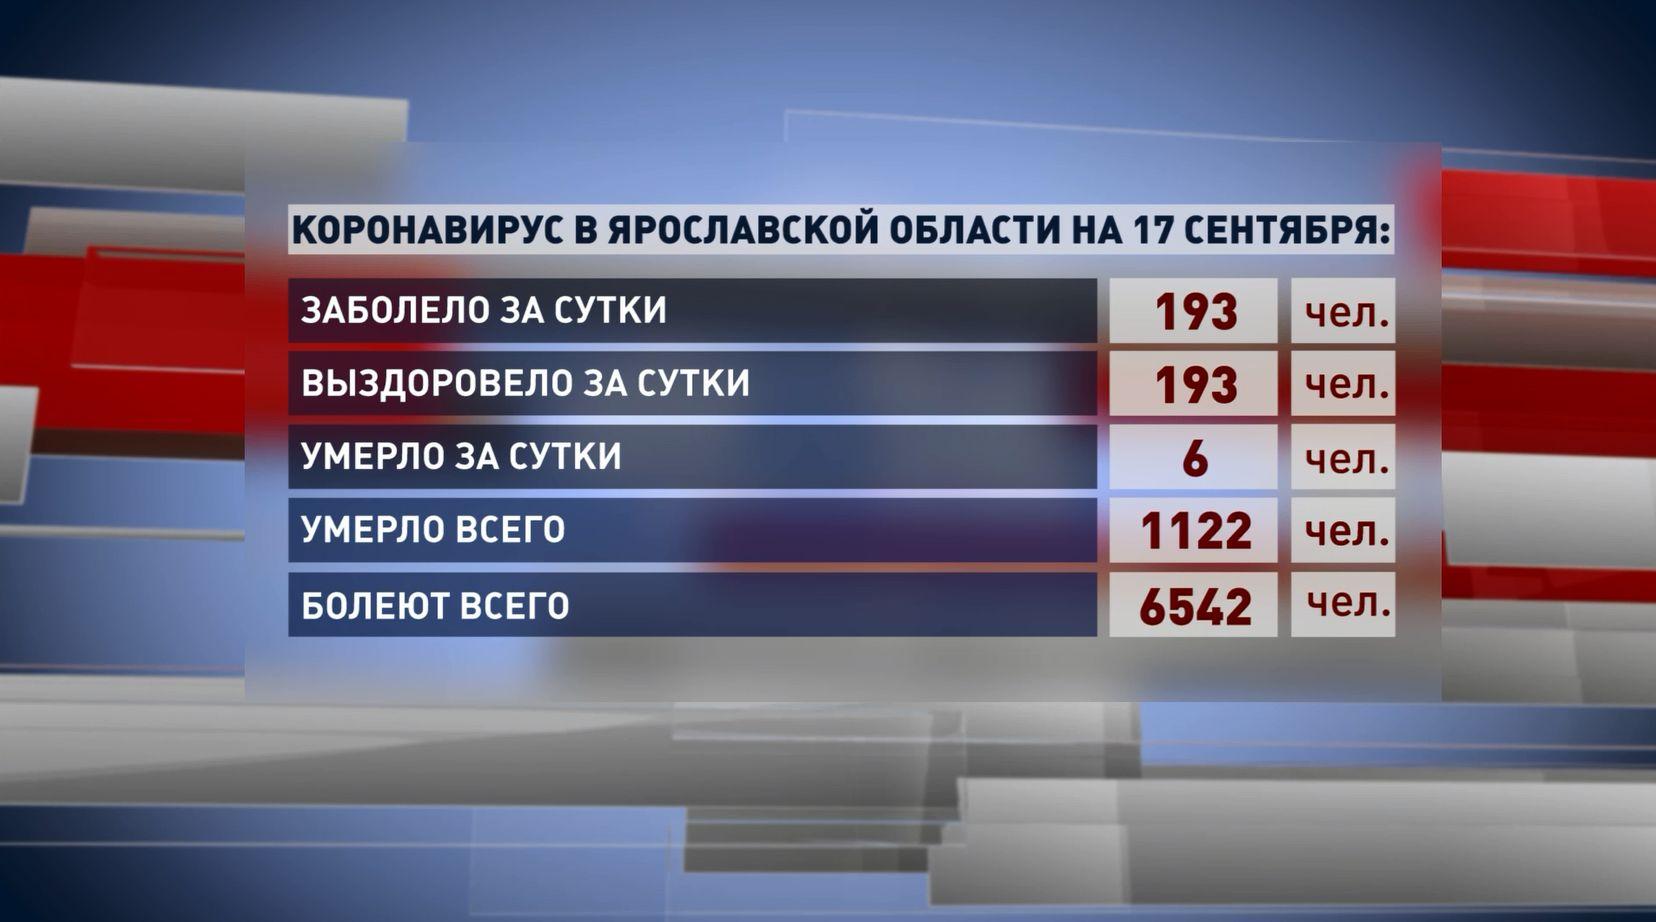 Суточный прирост ковид-больных в Ярославской области равен нулю